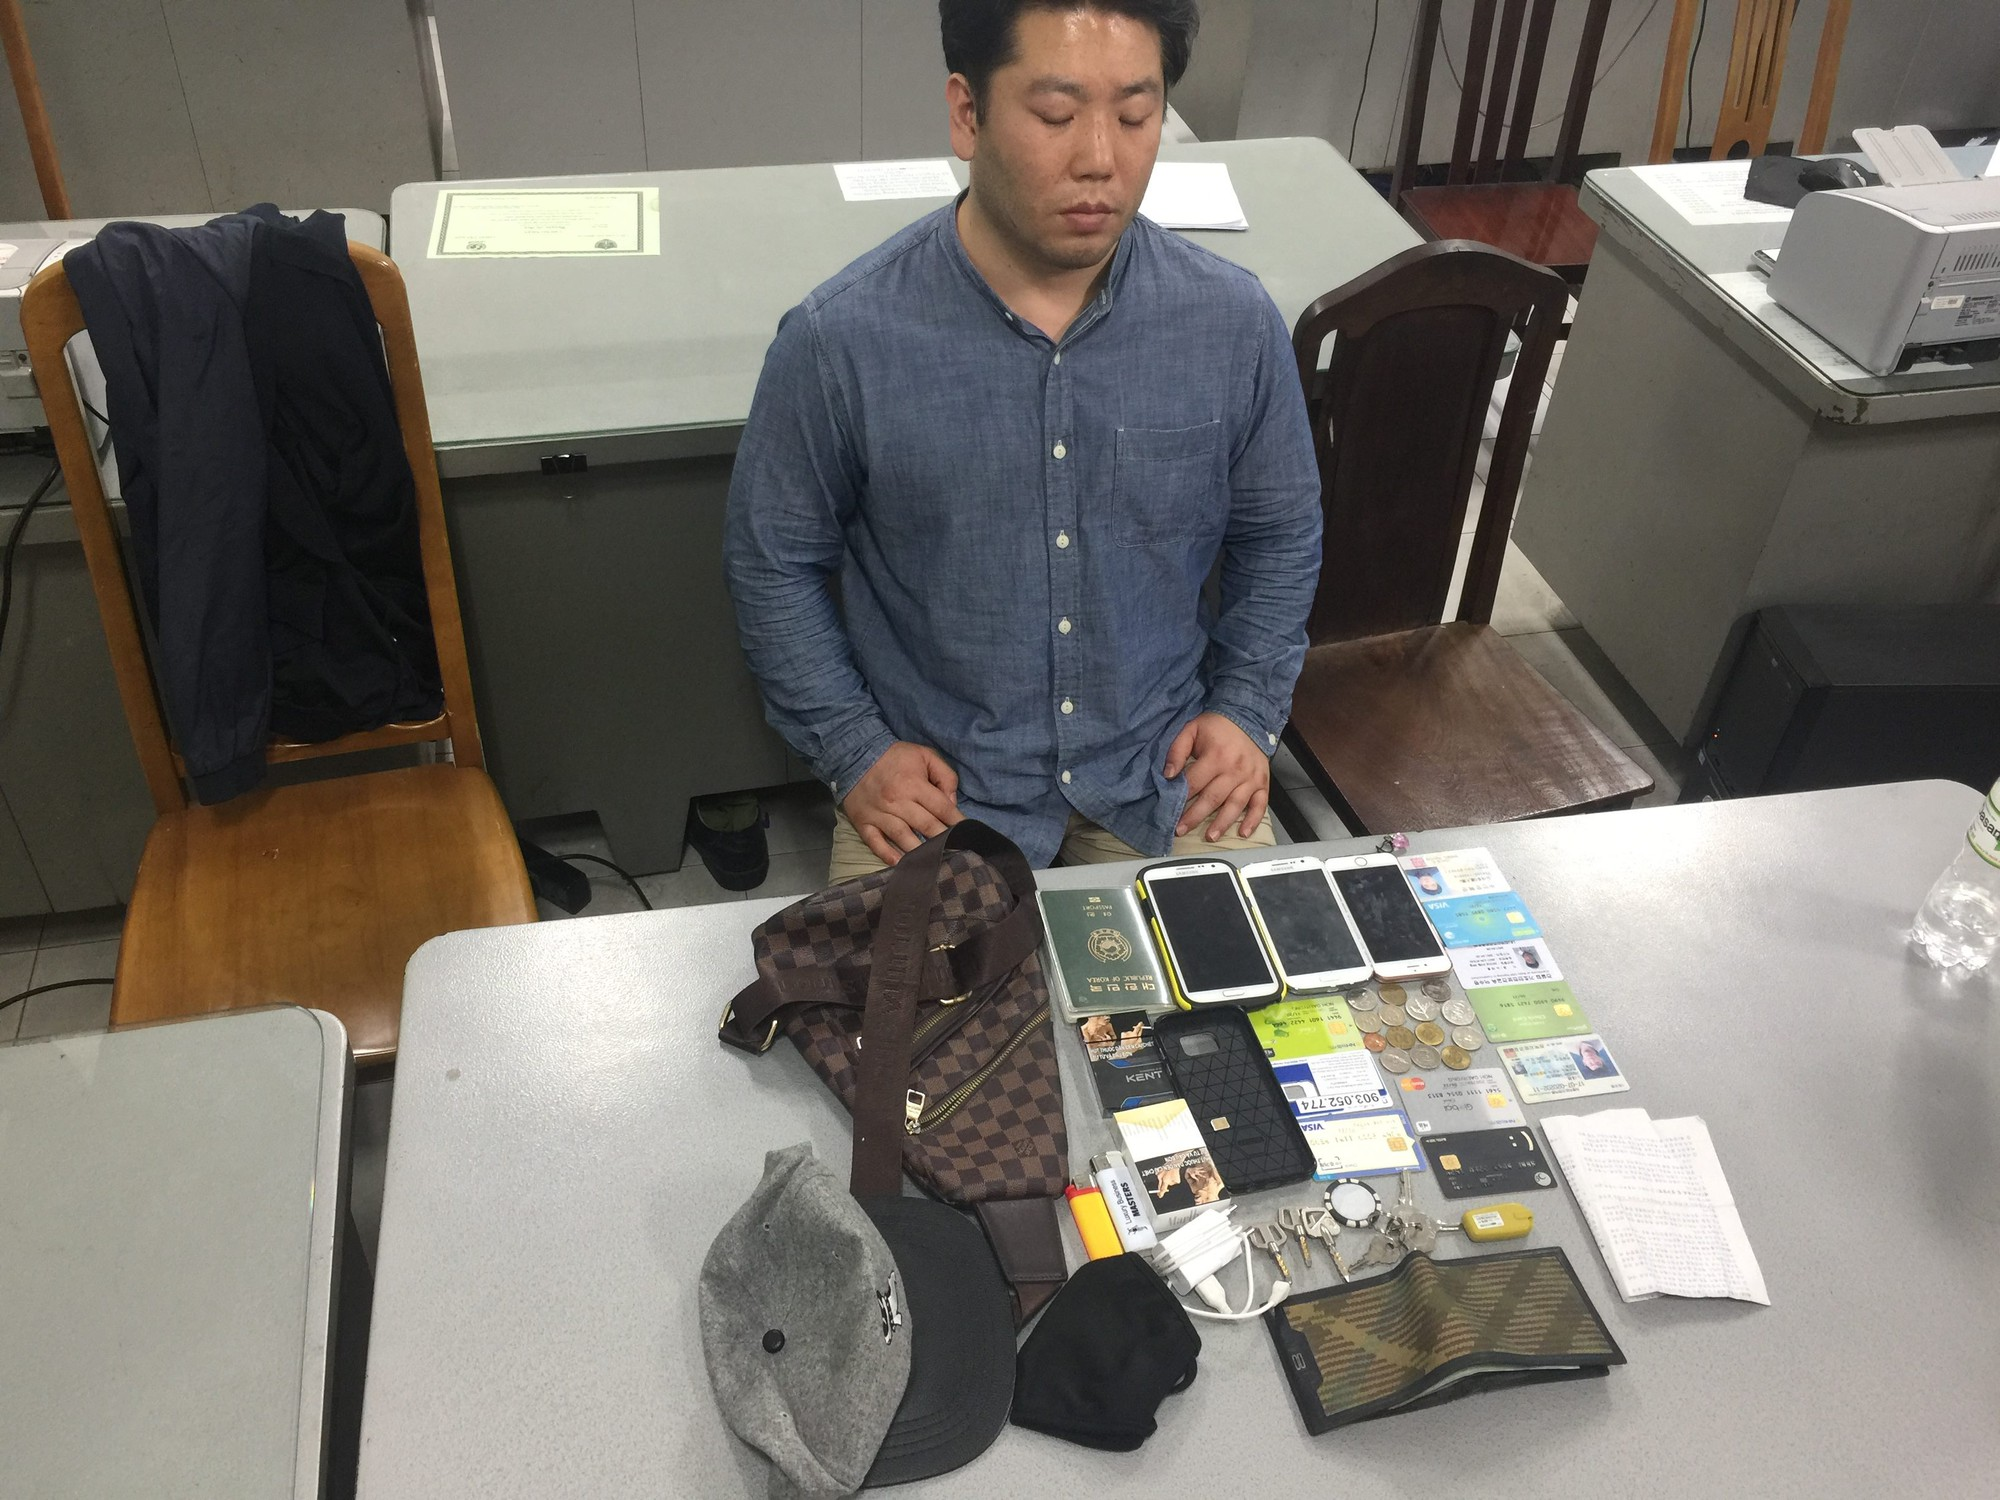 Lời khai của người đàn ông Hàn Quốc sát hại cô gái trong phòng trọ ở Sài Gòn - Ảnh 1.